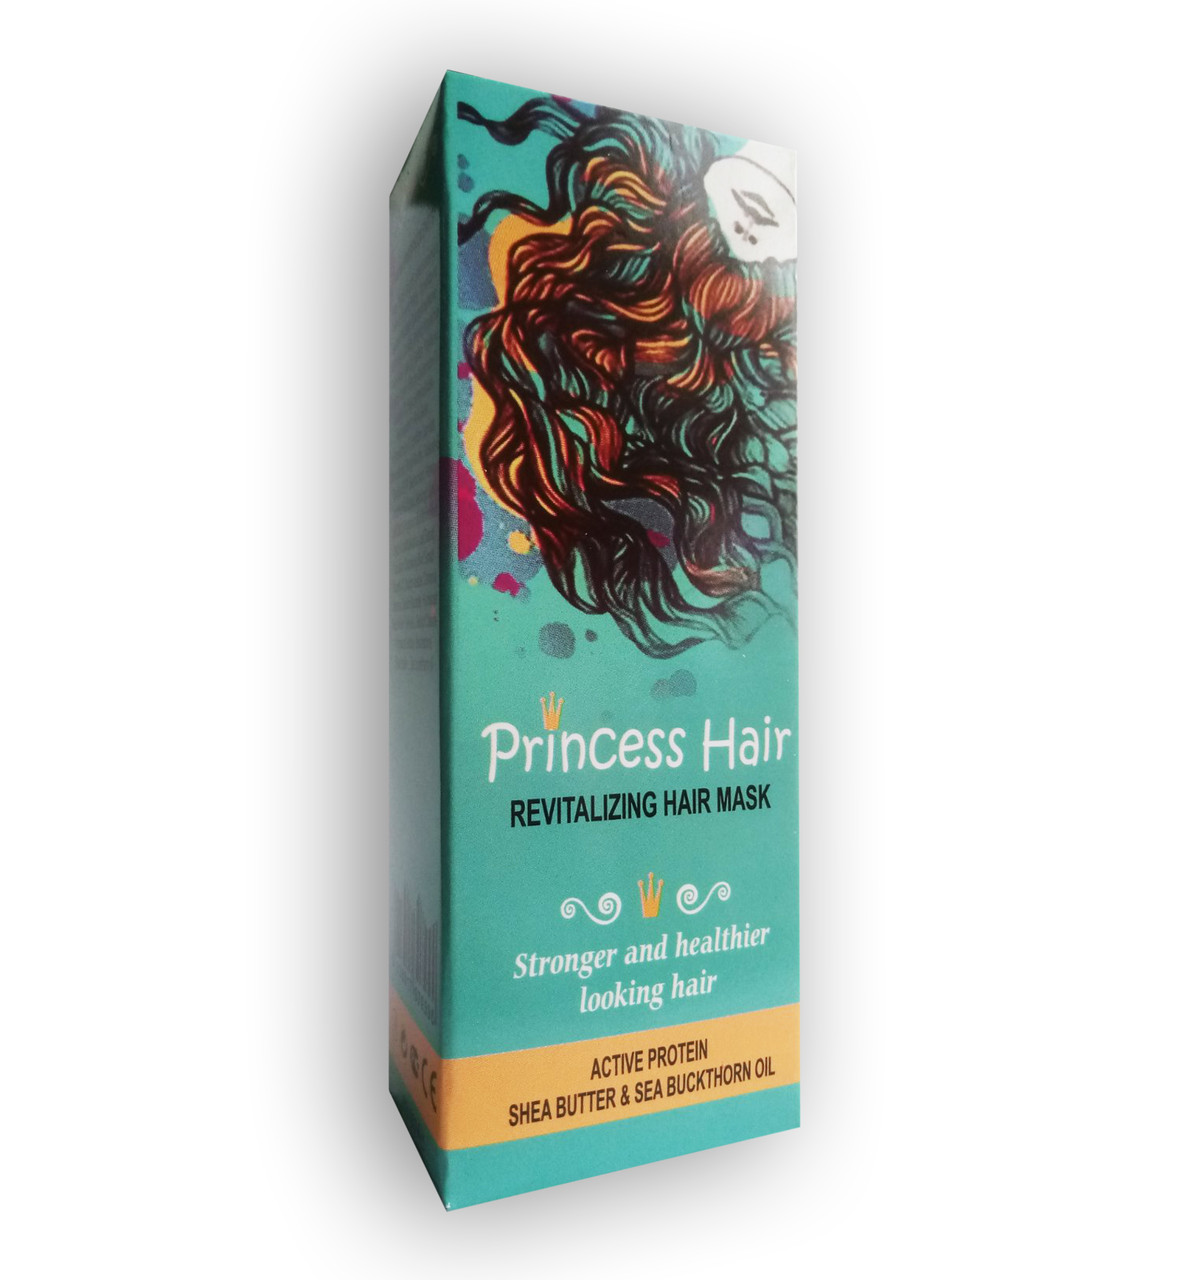 Купить Princess Hair - маска для ускорения роста и оздоровления волос (Принцесс Хаир)